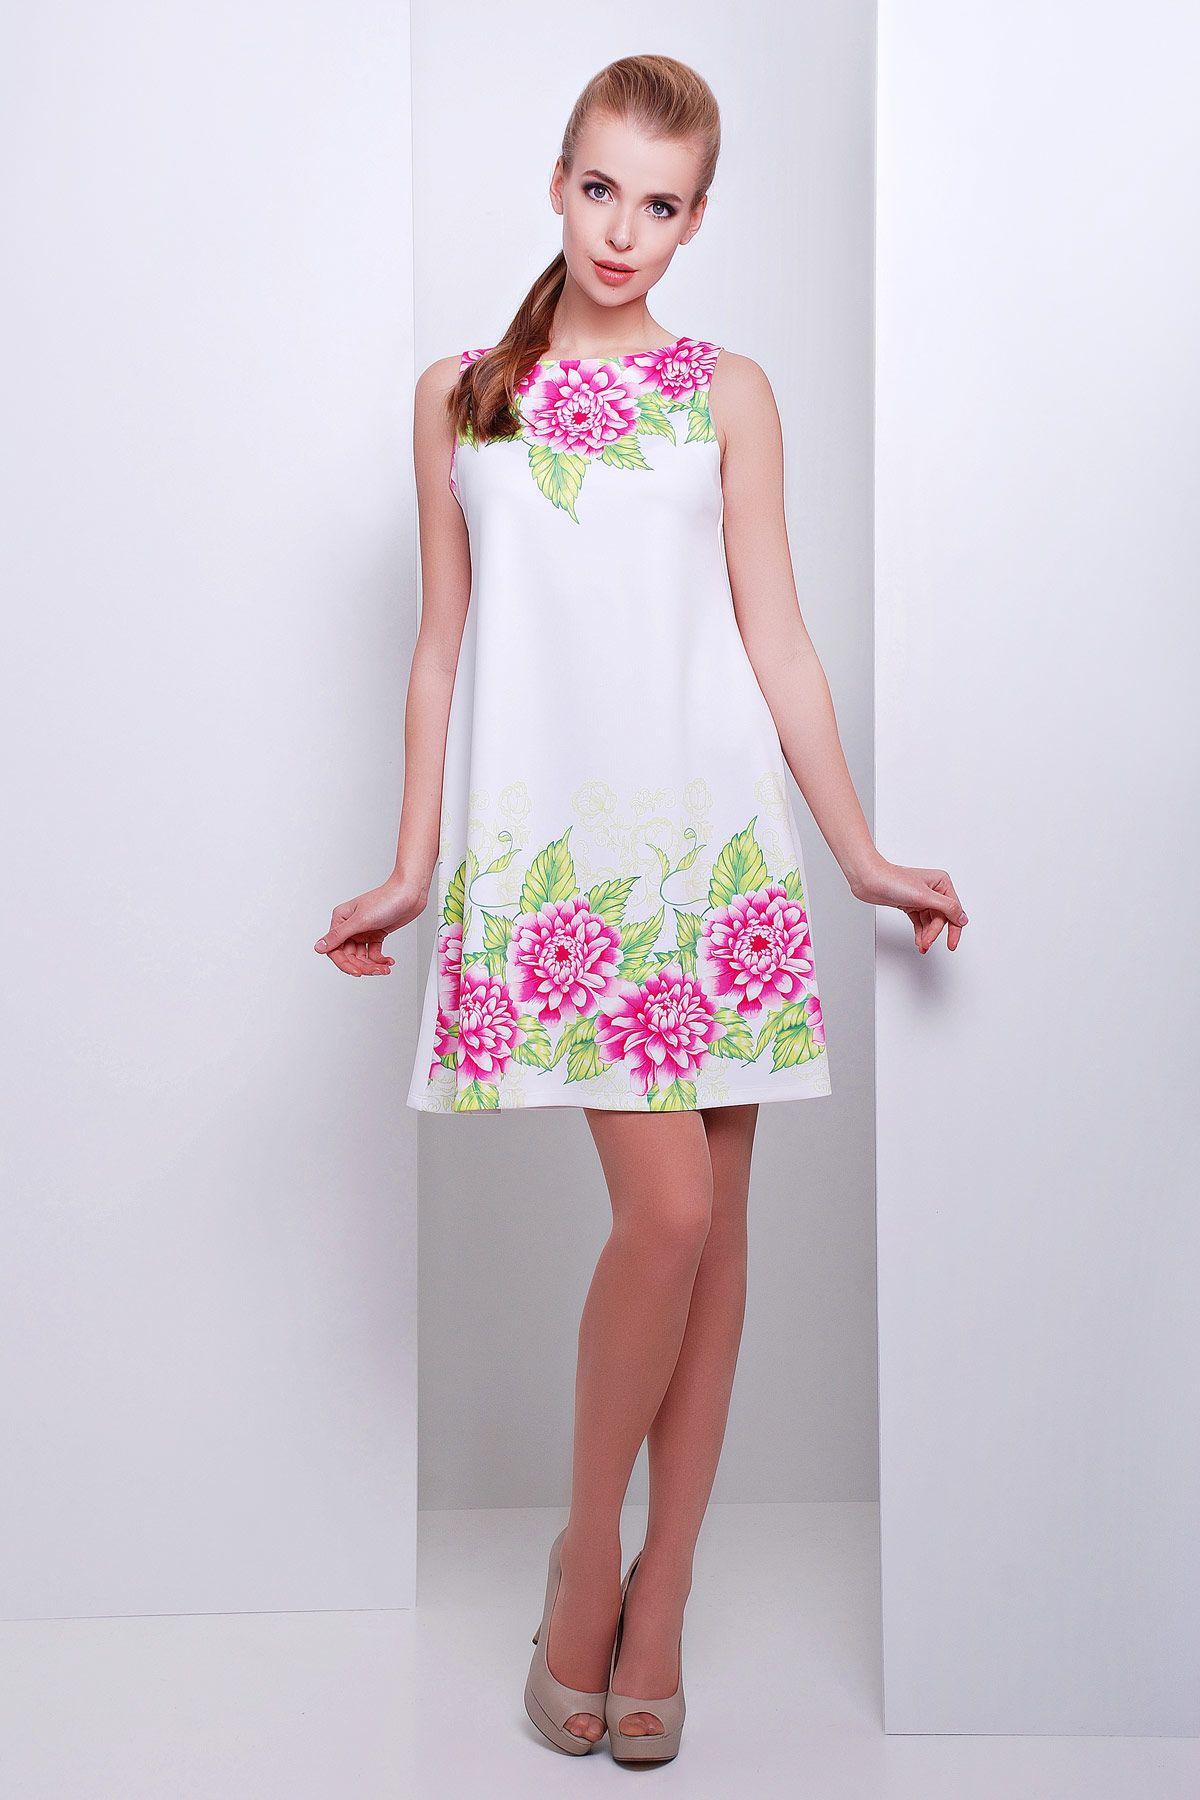 18ab0d23c52 Белое платье-трапеция на сезон весна-лето без рукавов с цветочным принтом.  Пионы платье Лада б р. Цвет  принт-белая отделка